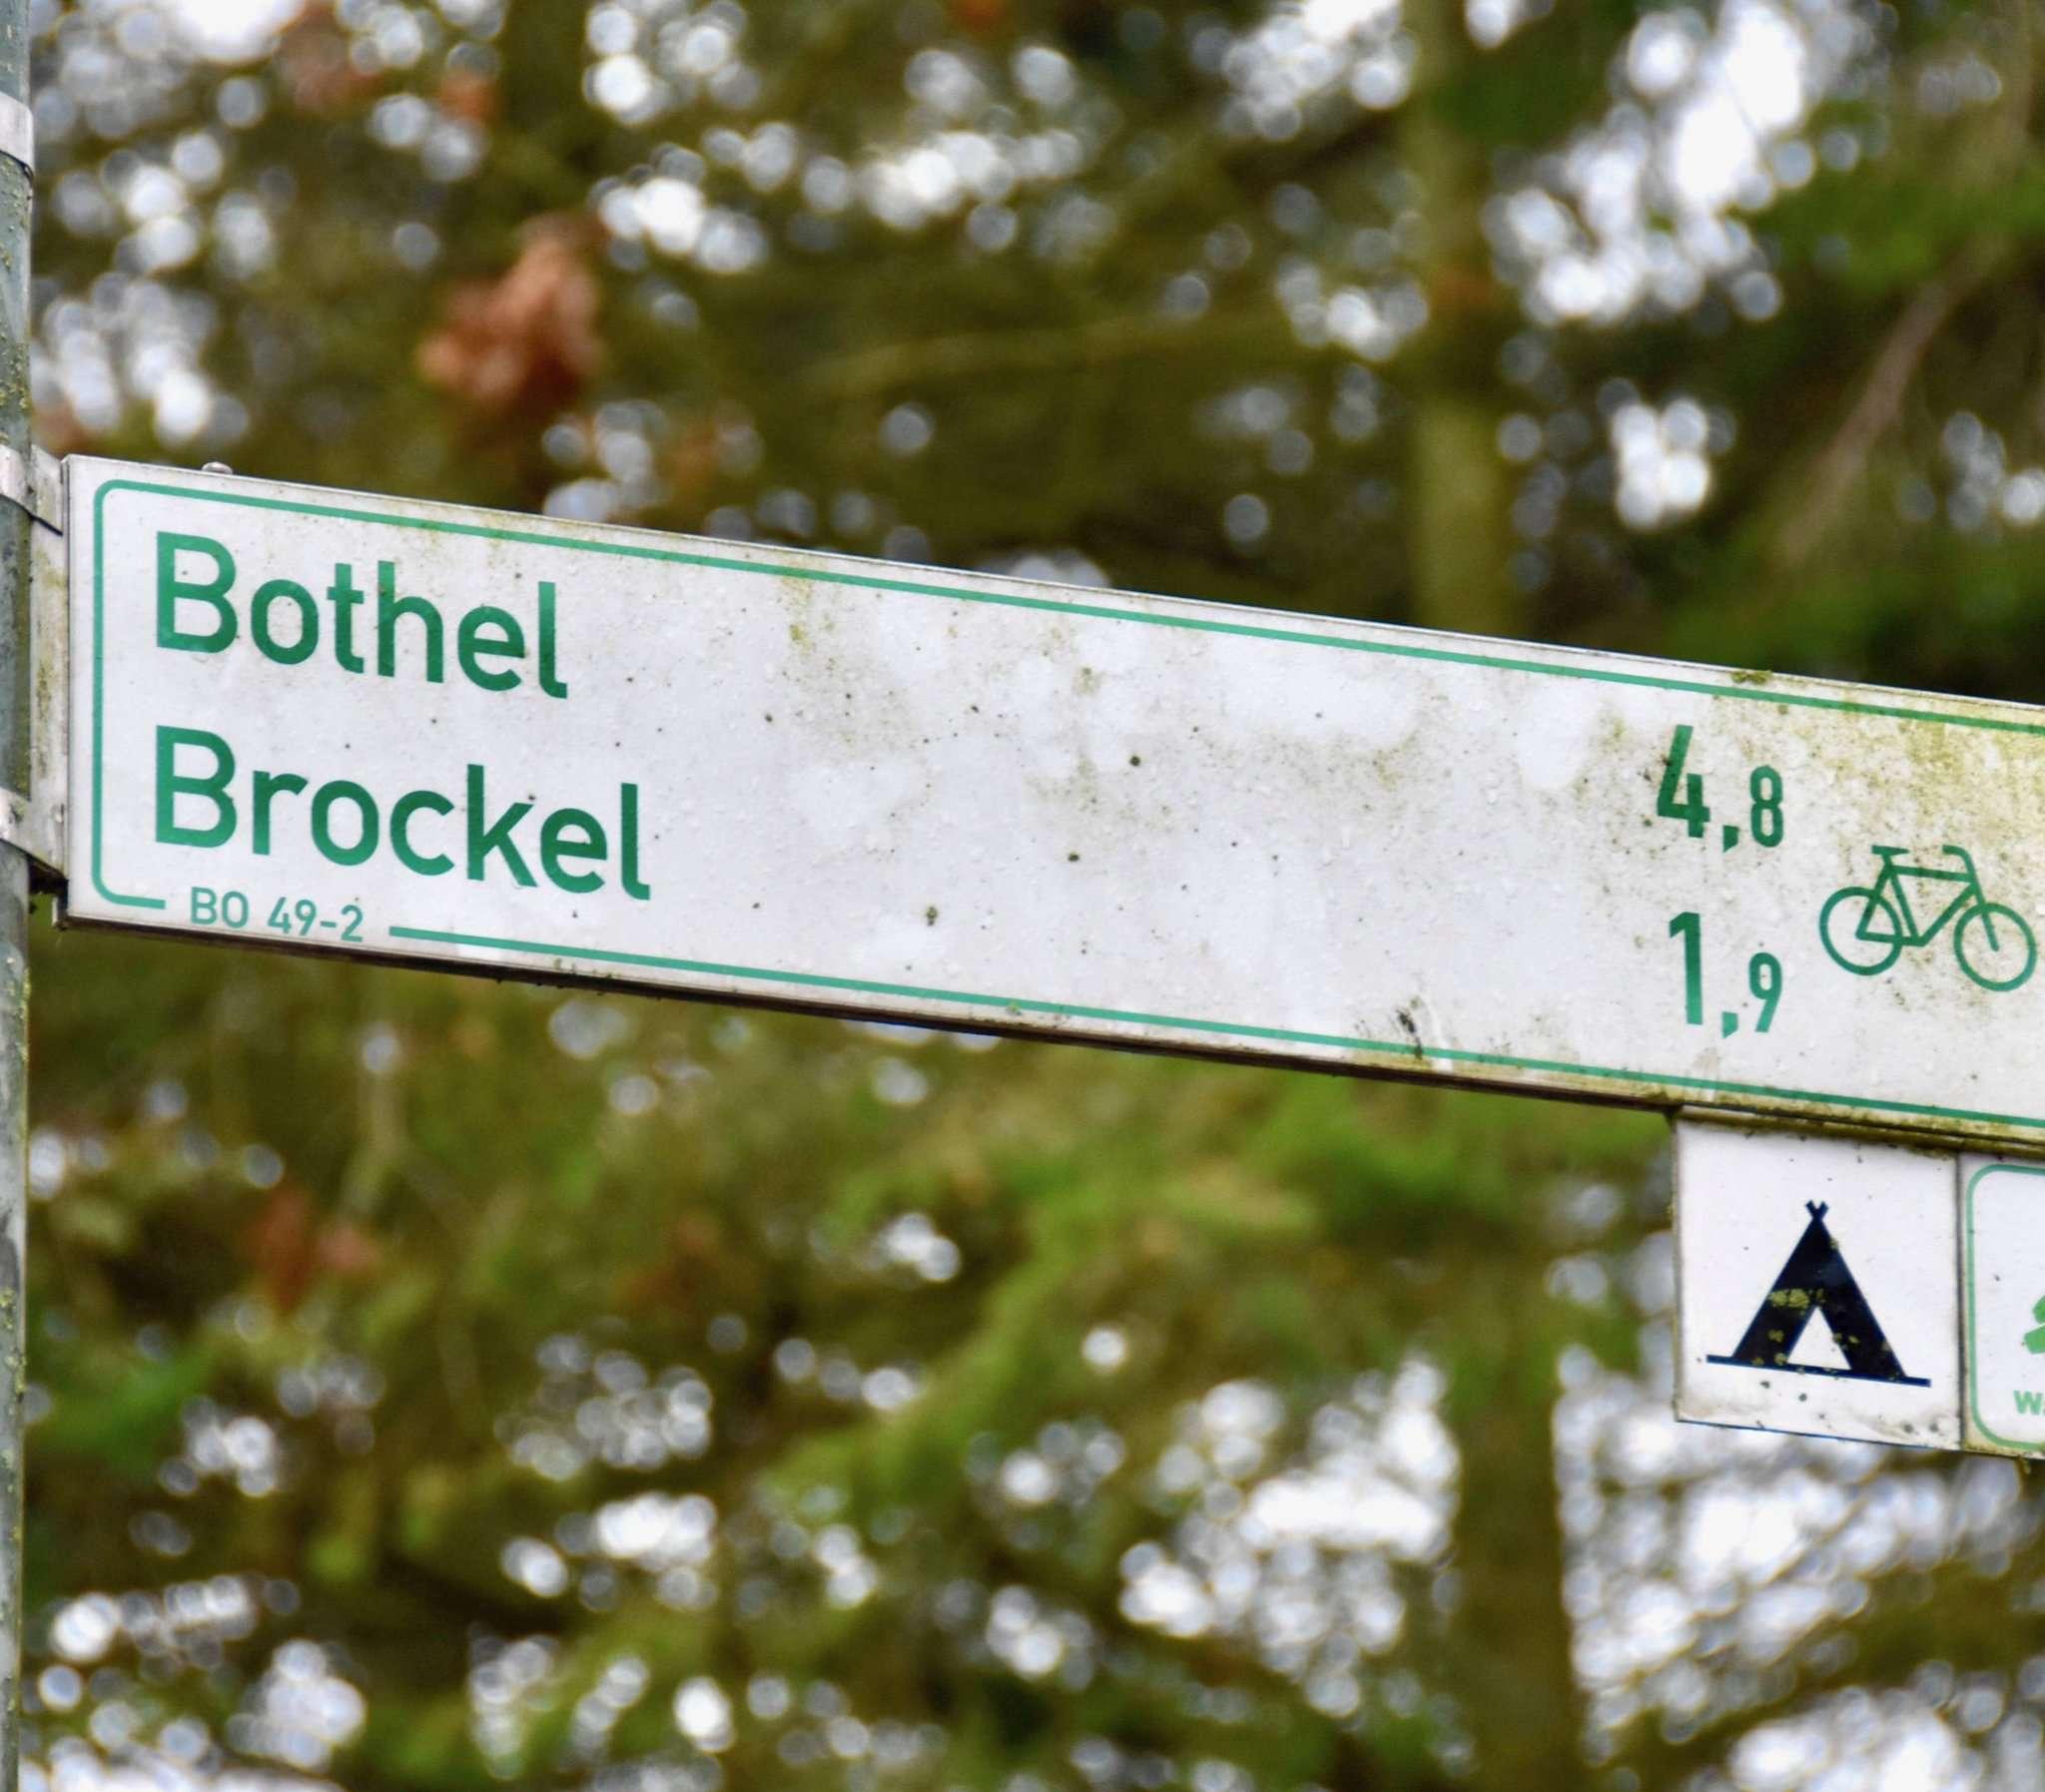 Schon jetzt gibt es auf der Strecke zwischen Rotenburg und Brockel Radwege, diese sind aber nicht durchgängig als Radschnellweg geeignet.